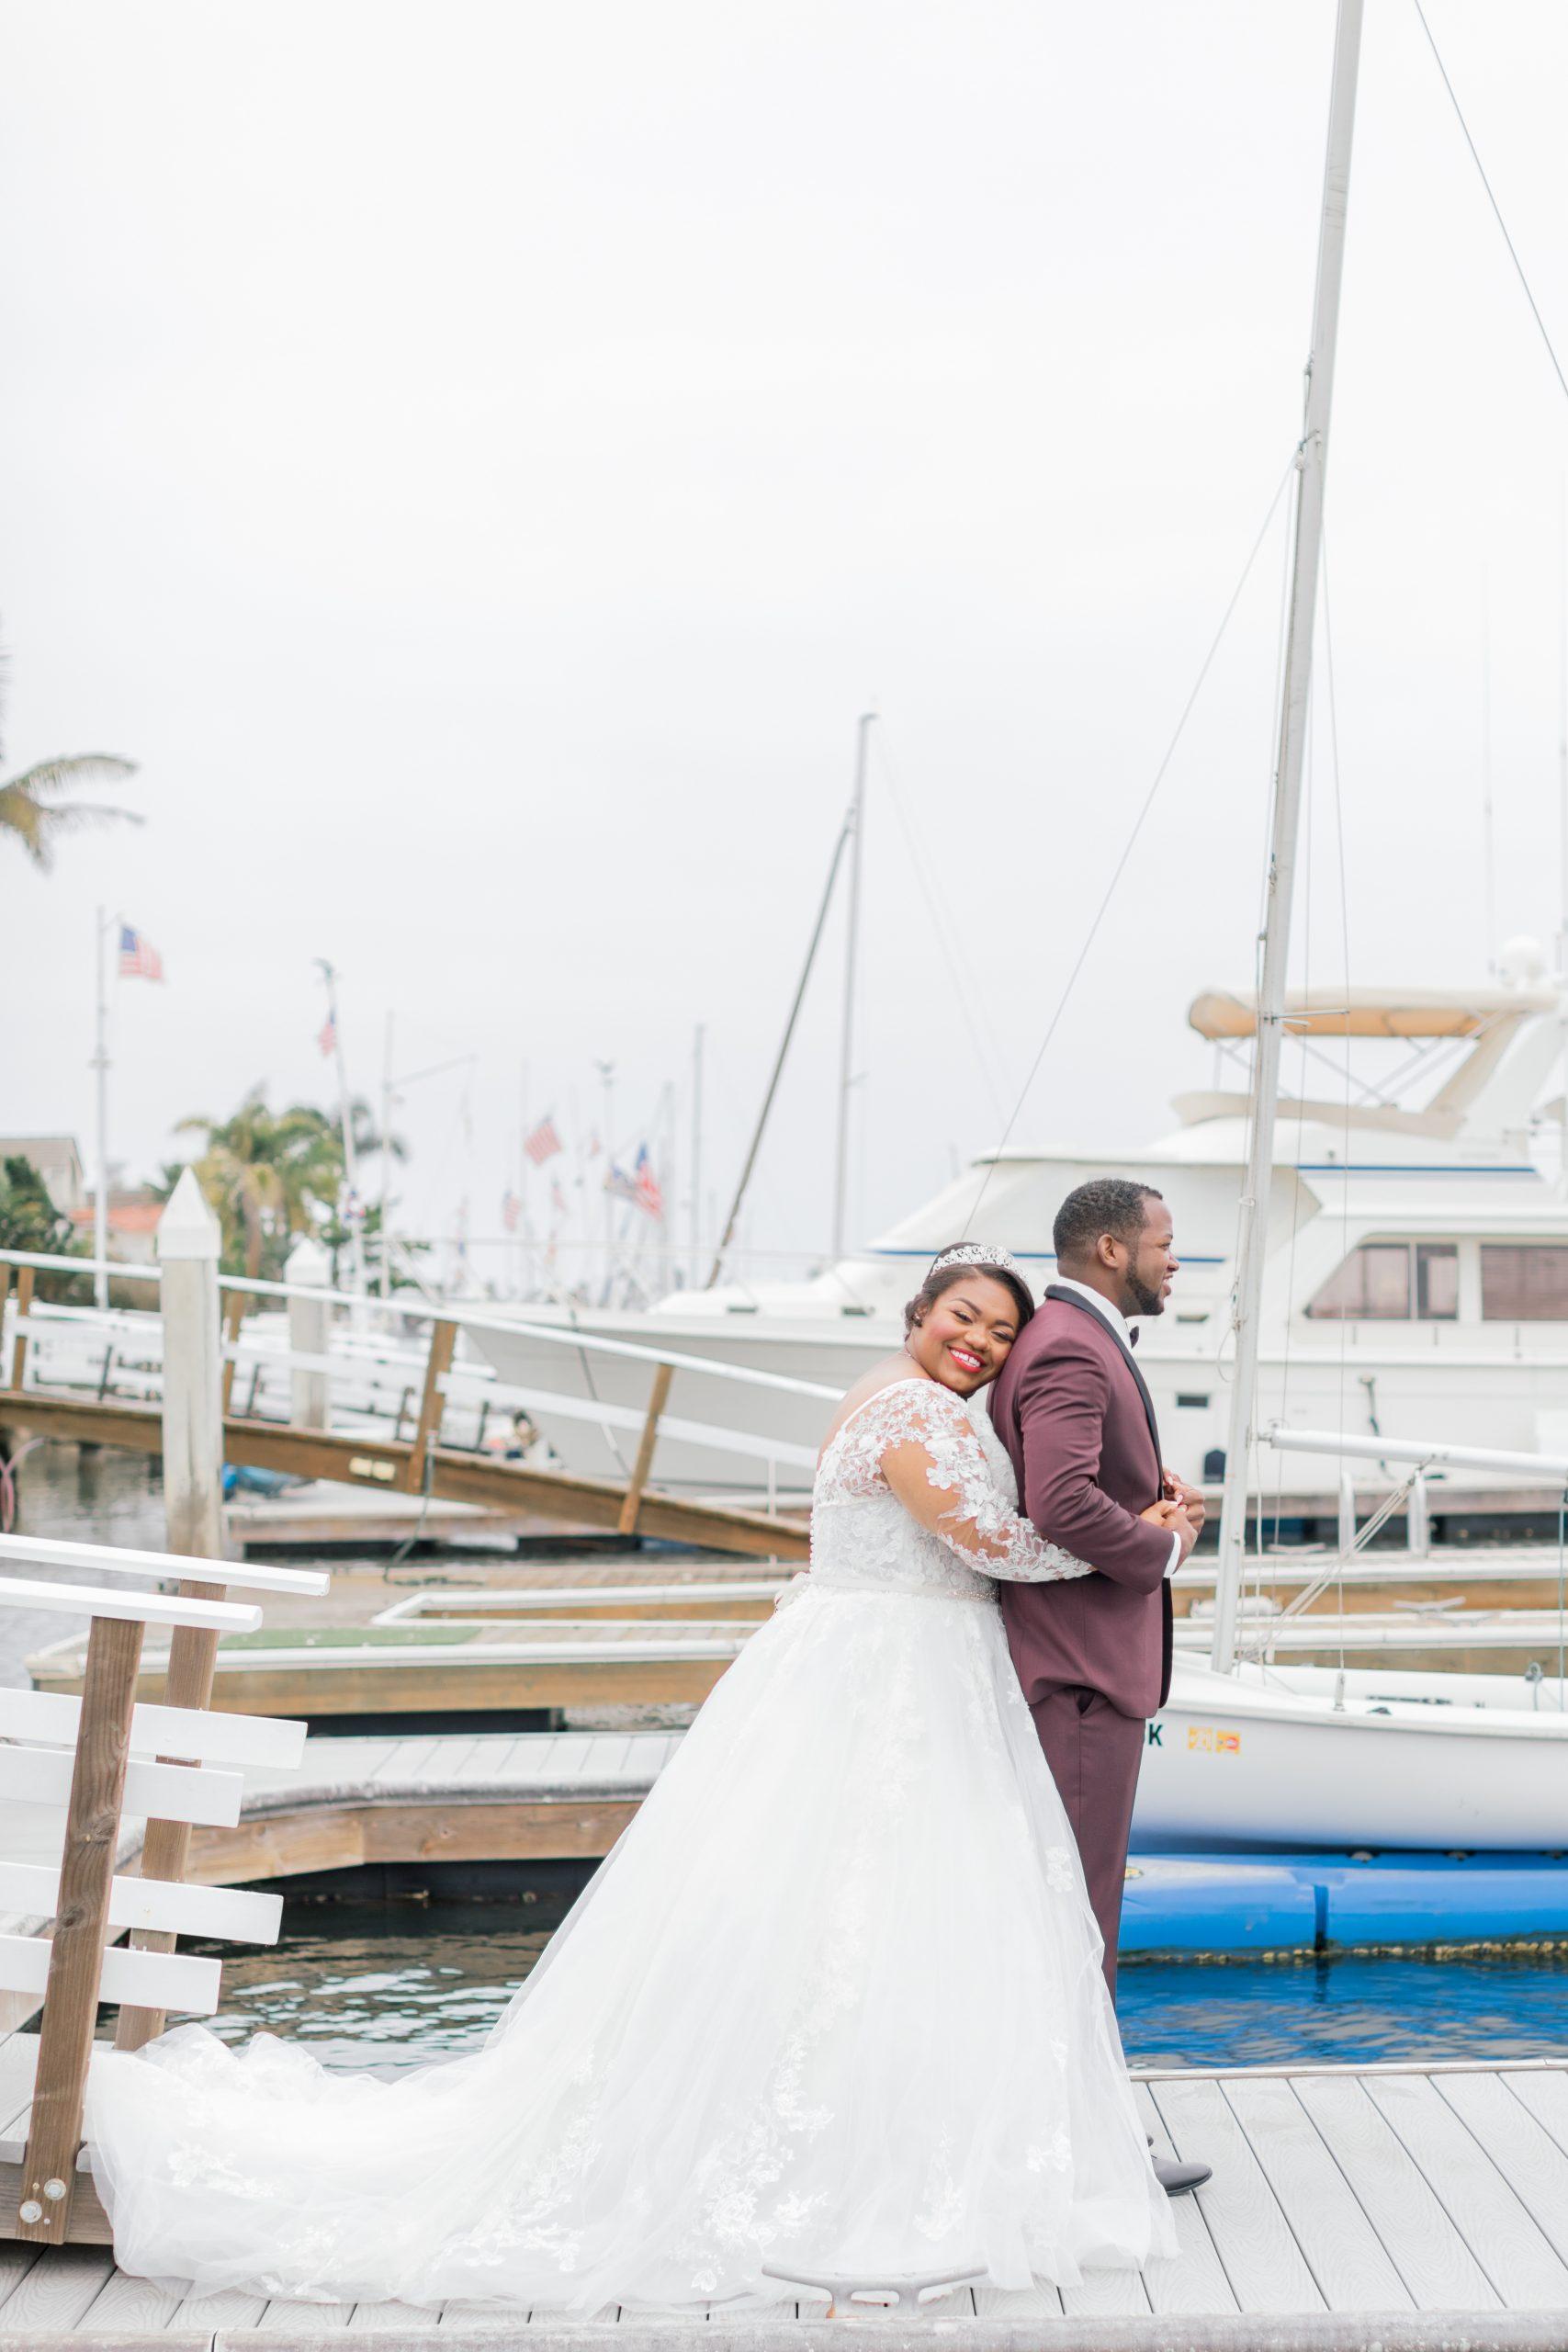 Newport Beach Wedding Photographer - Stephanieweberphotography.com